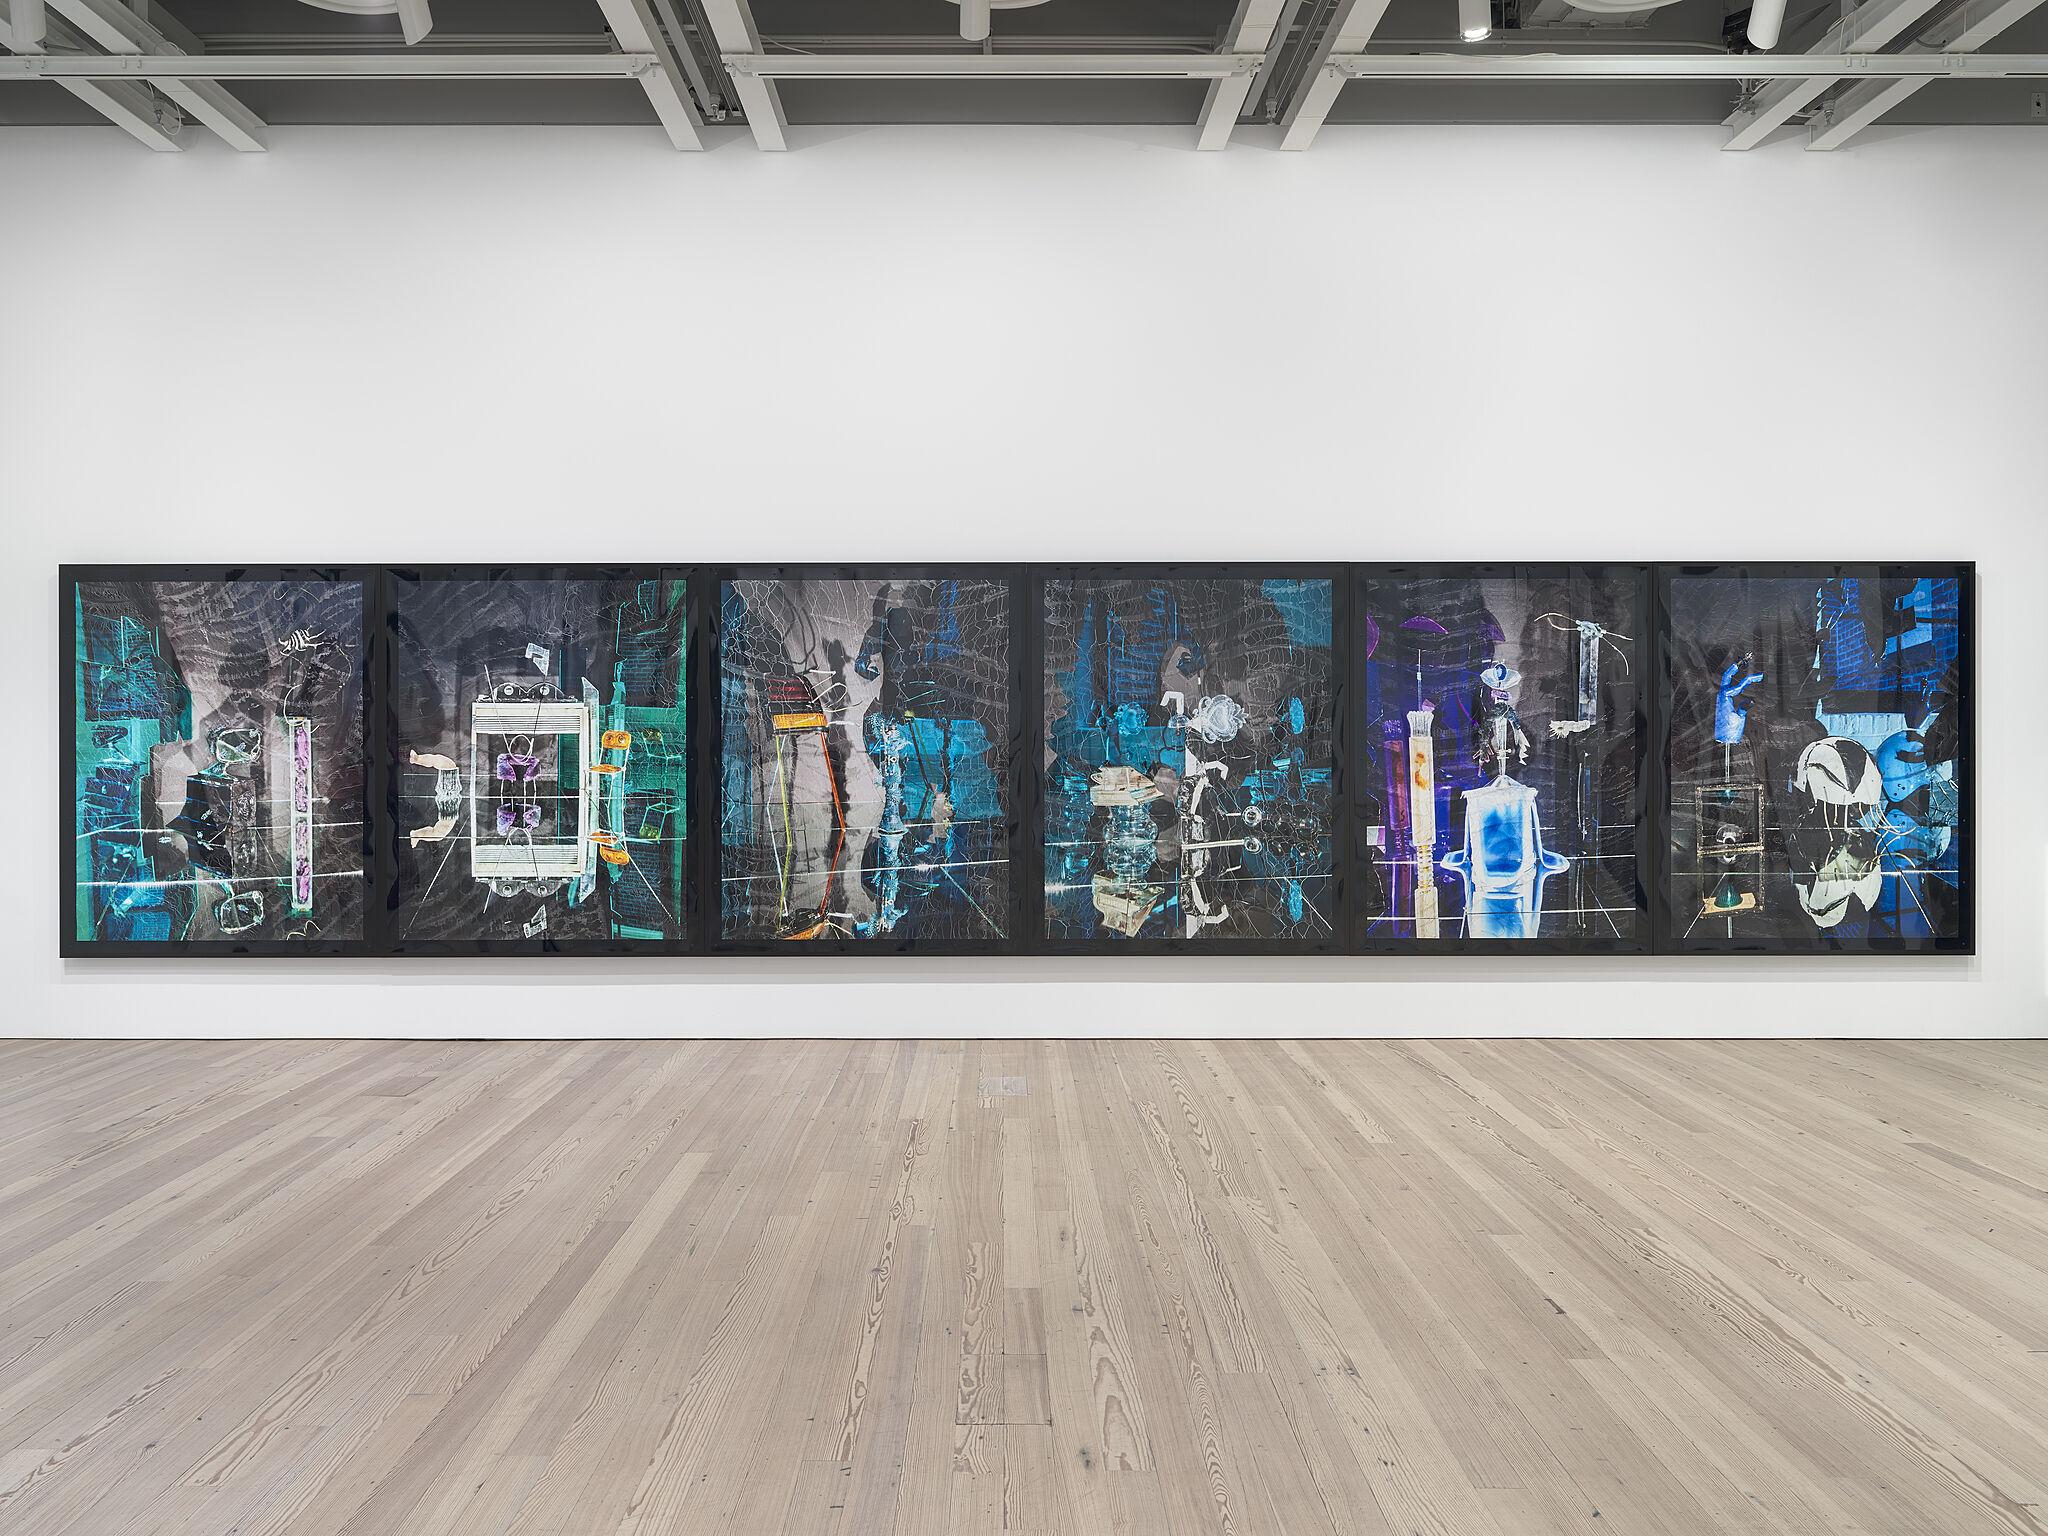 Installation view of Willa Nasatir exhibition